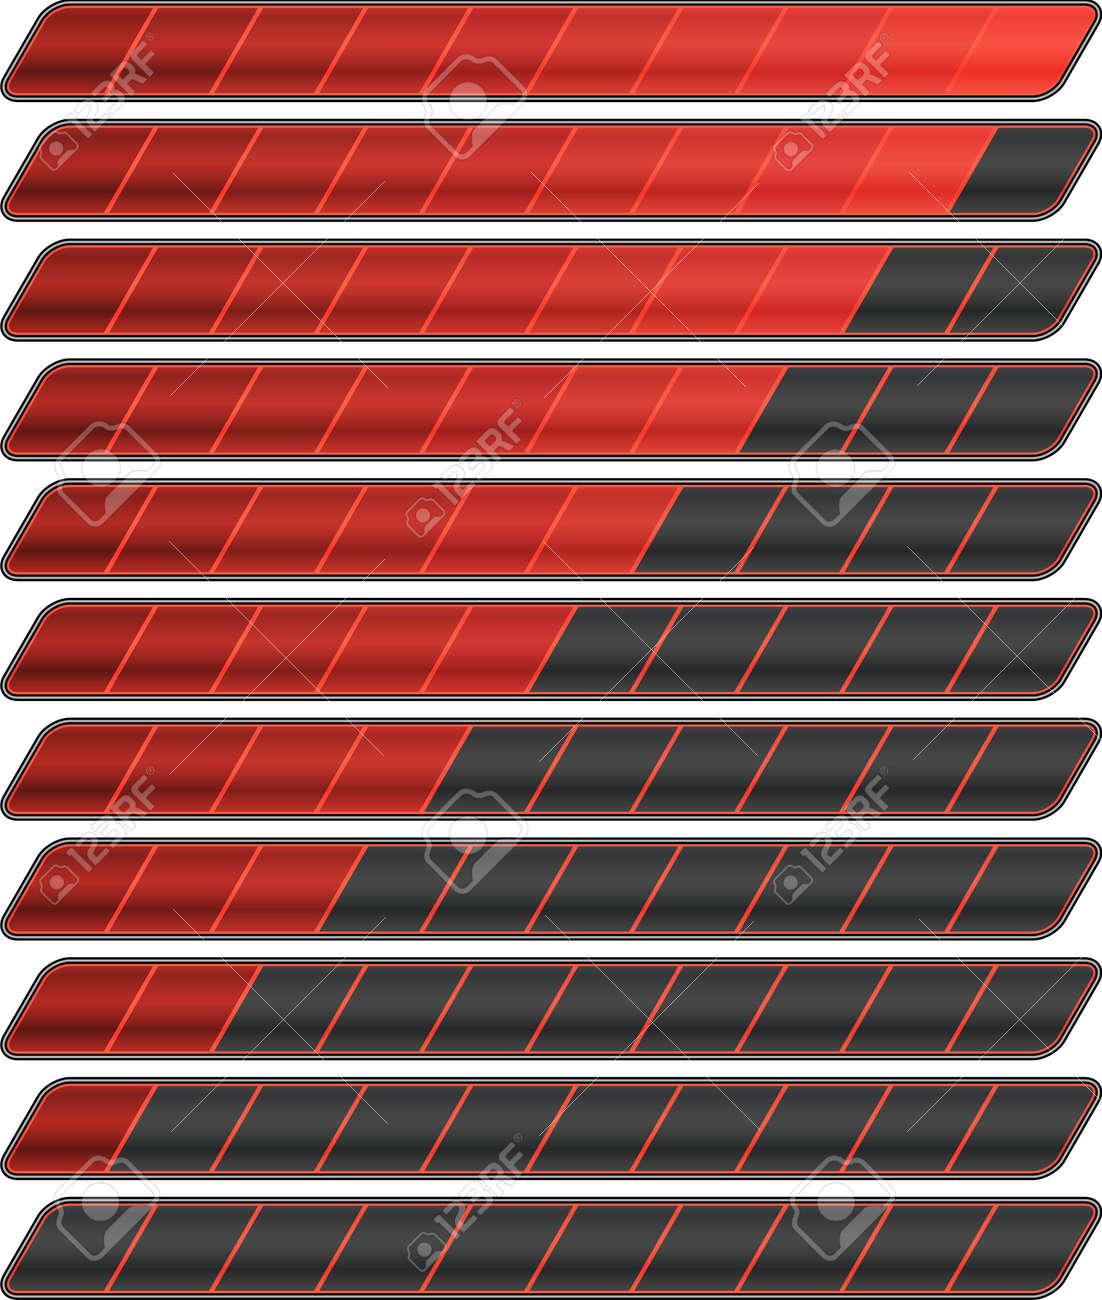 Colorful progress bar vector set - 123438391